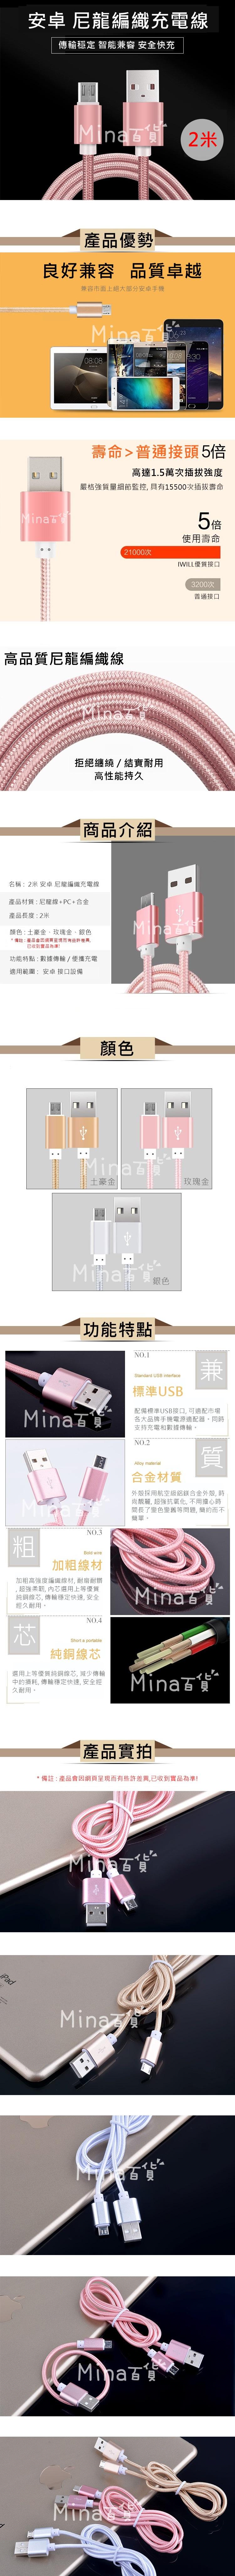 長圖-有mina